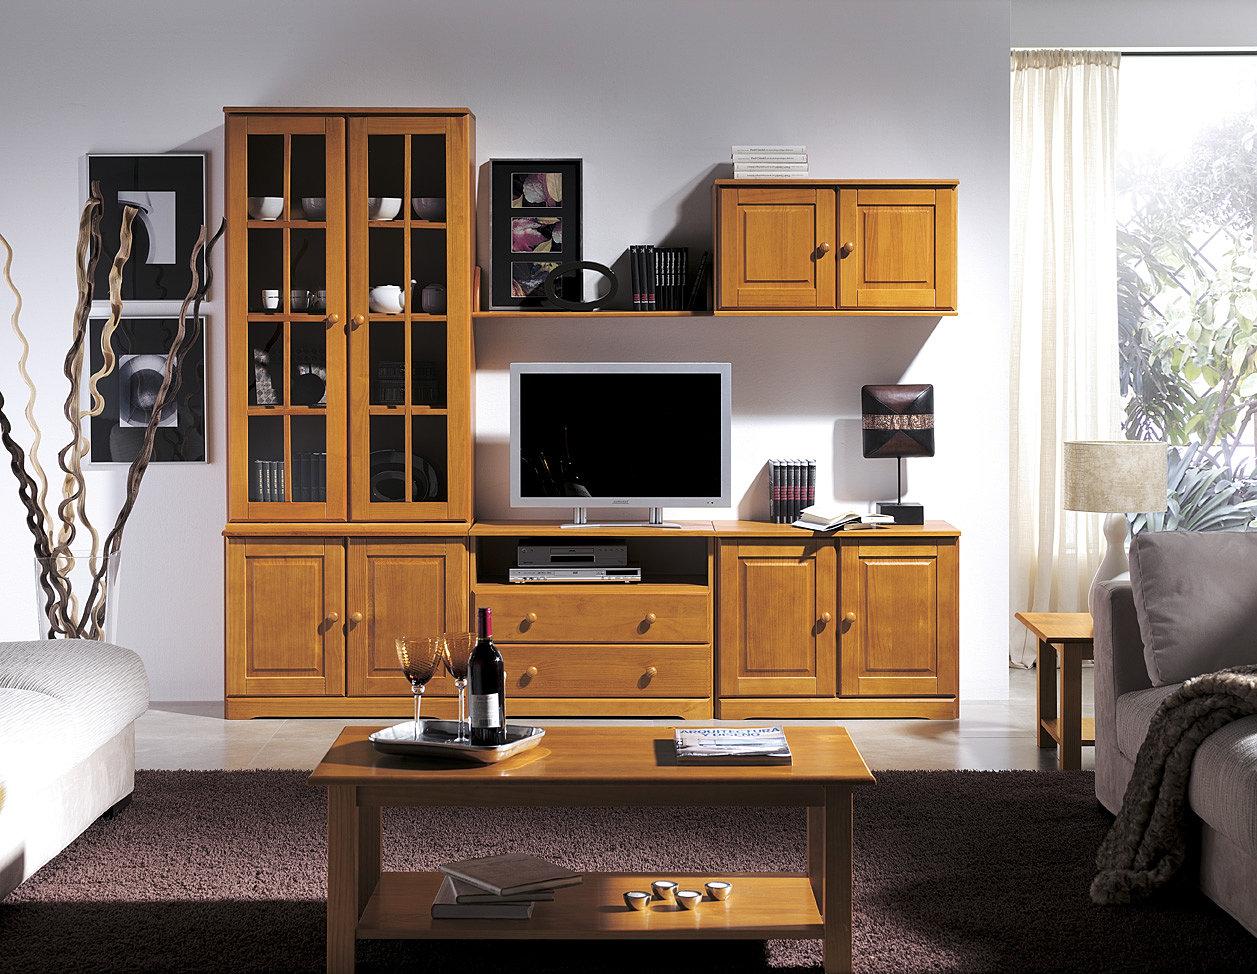 Muebles De Pino Valencia Cheap Valencia Estanteras Composicin De  # Muebles Dadaglio